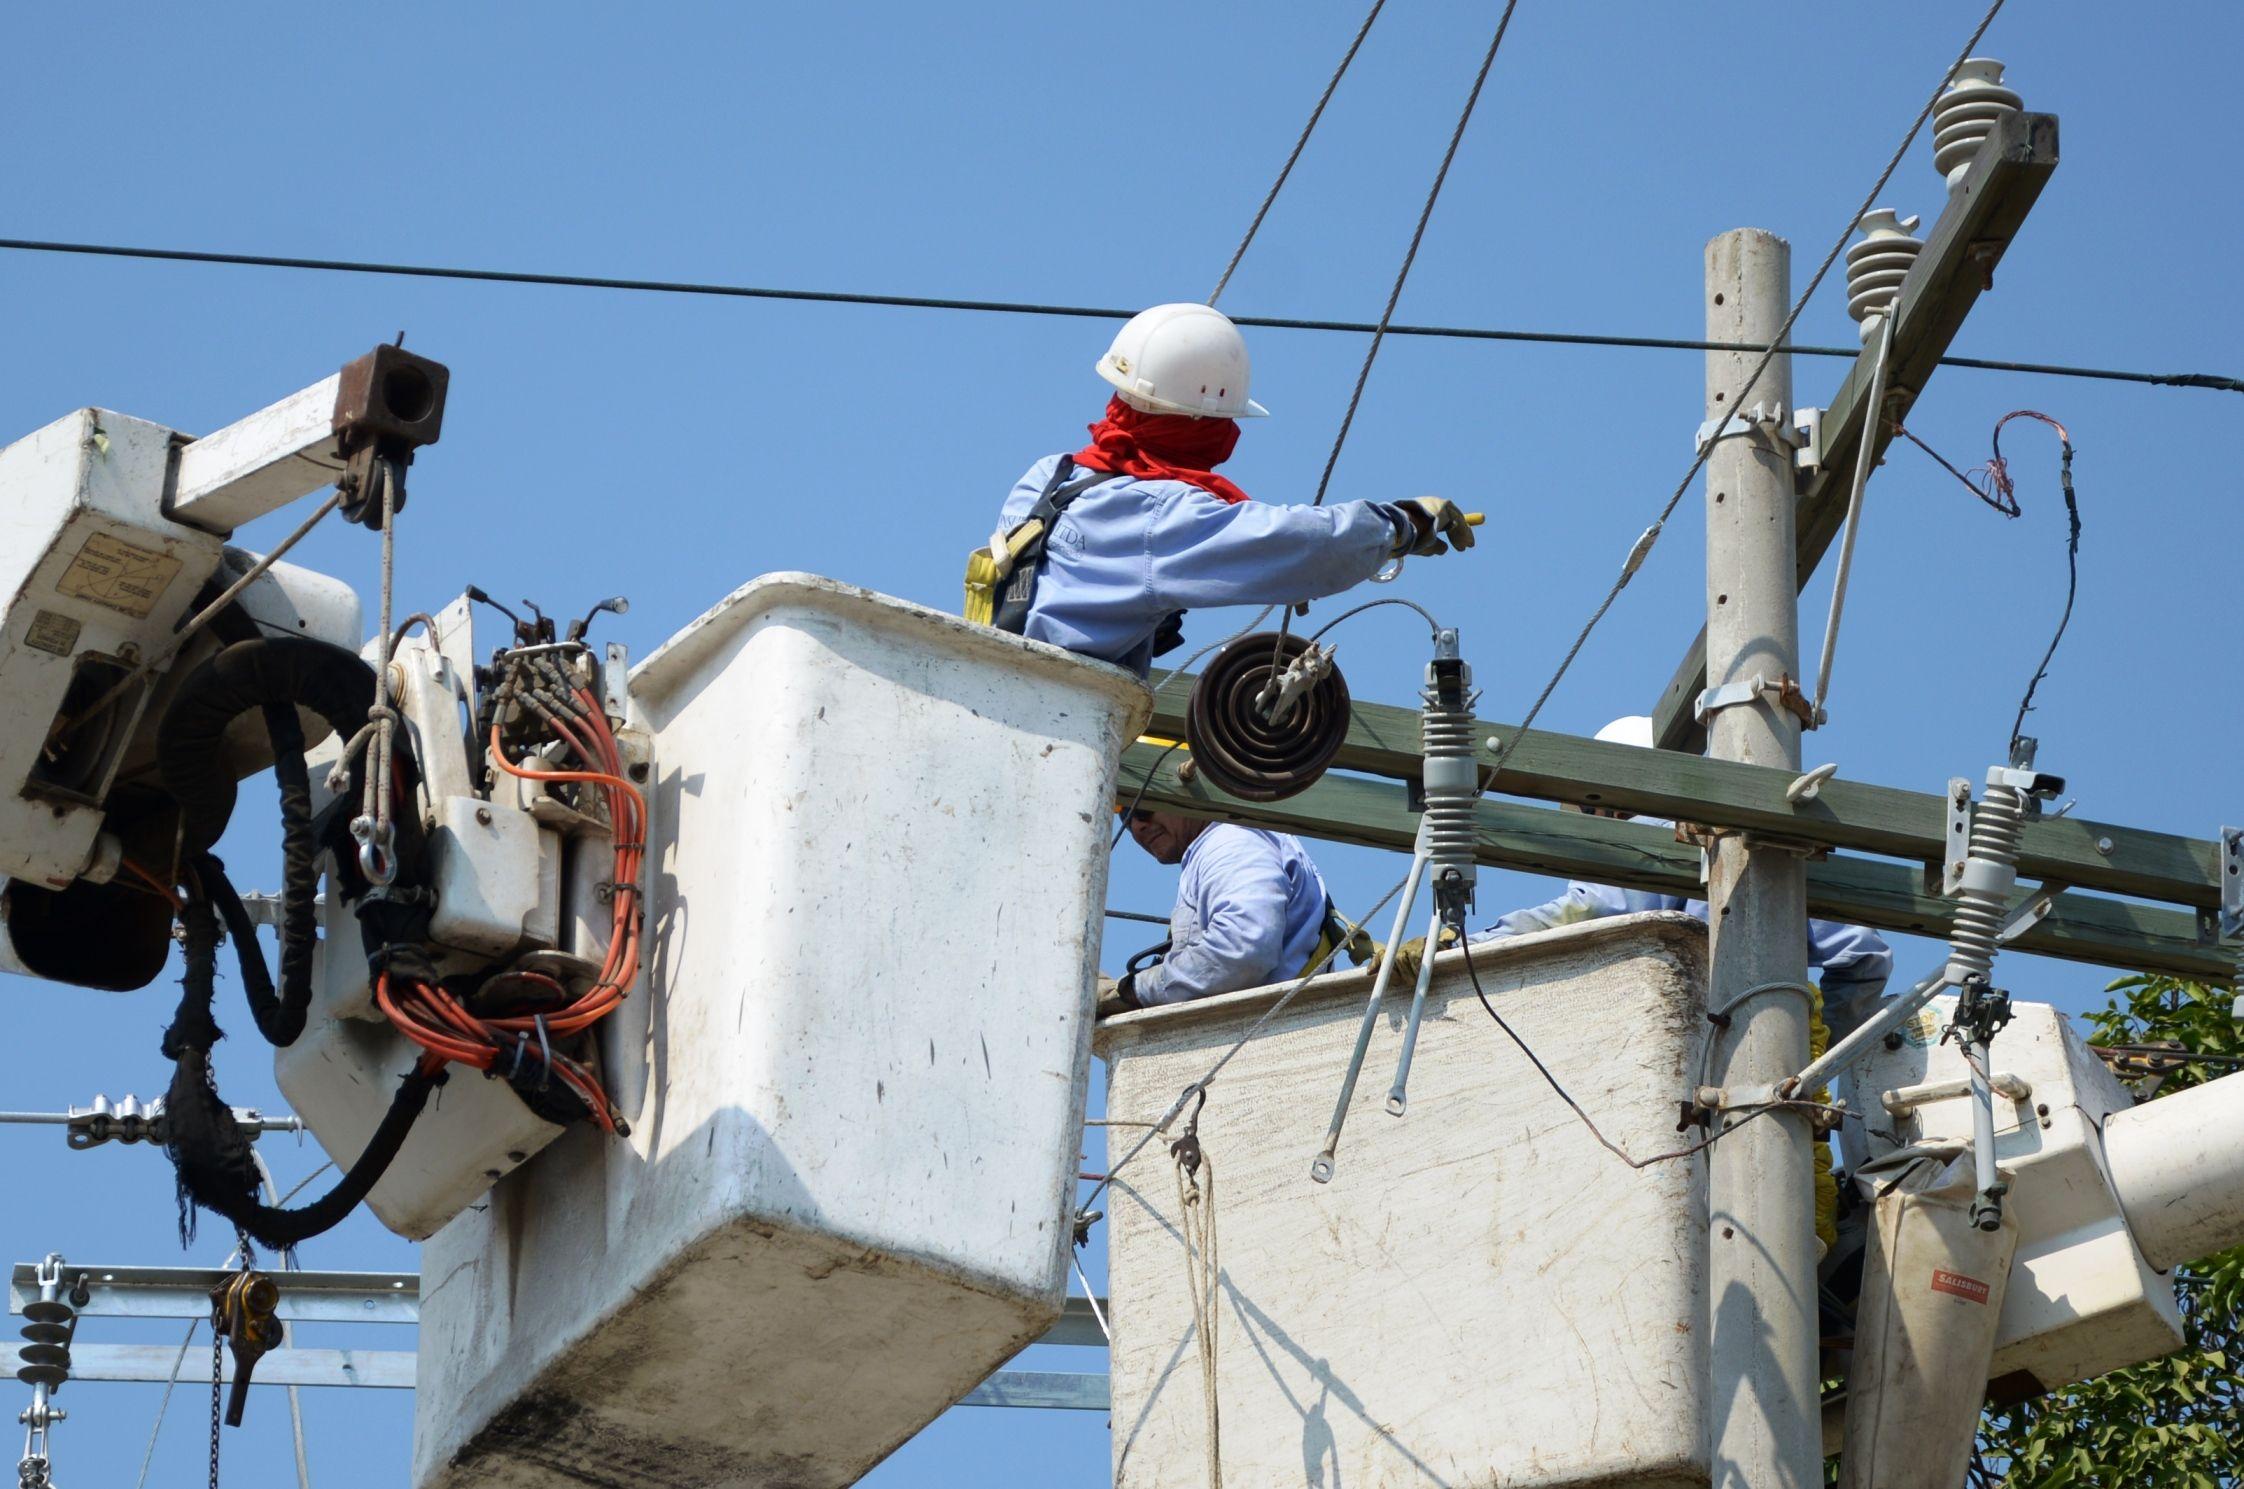 La empresa de energía Electricaribe mencionó en su comunicado que la falta del servicio de luz se debe a los trabajos de mantenimiento que se harán desde las 6:45 am hasta las 6:00 pm.